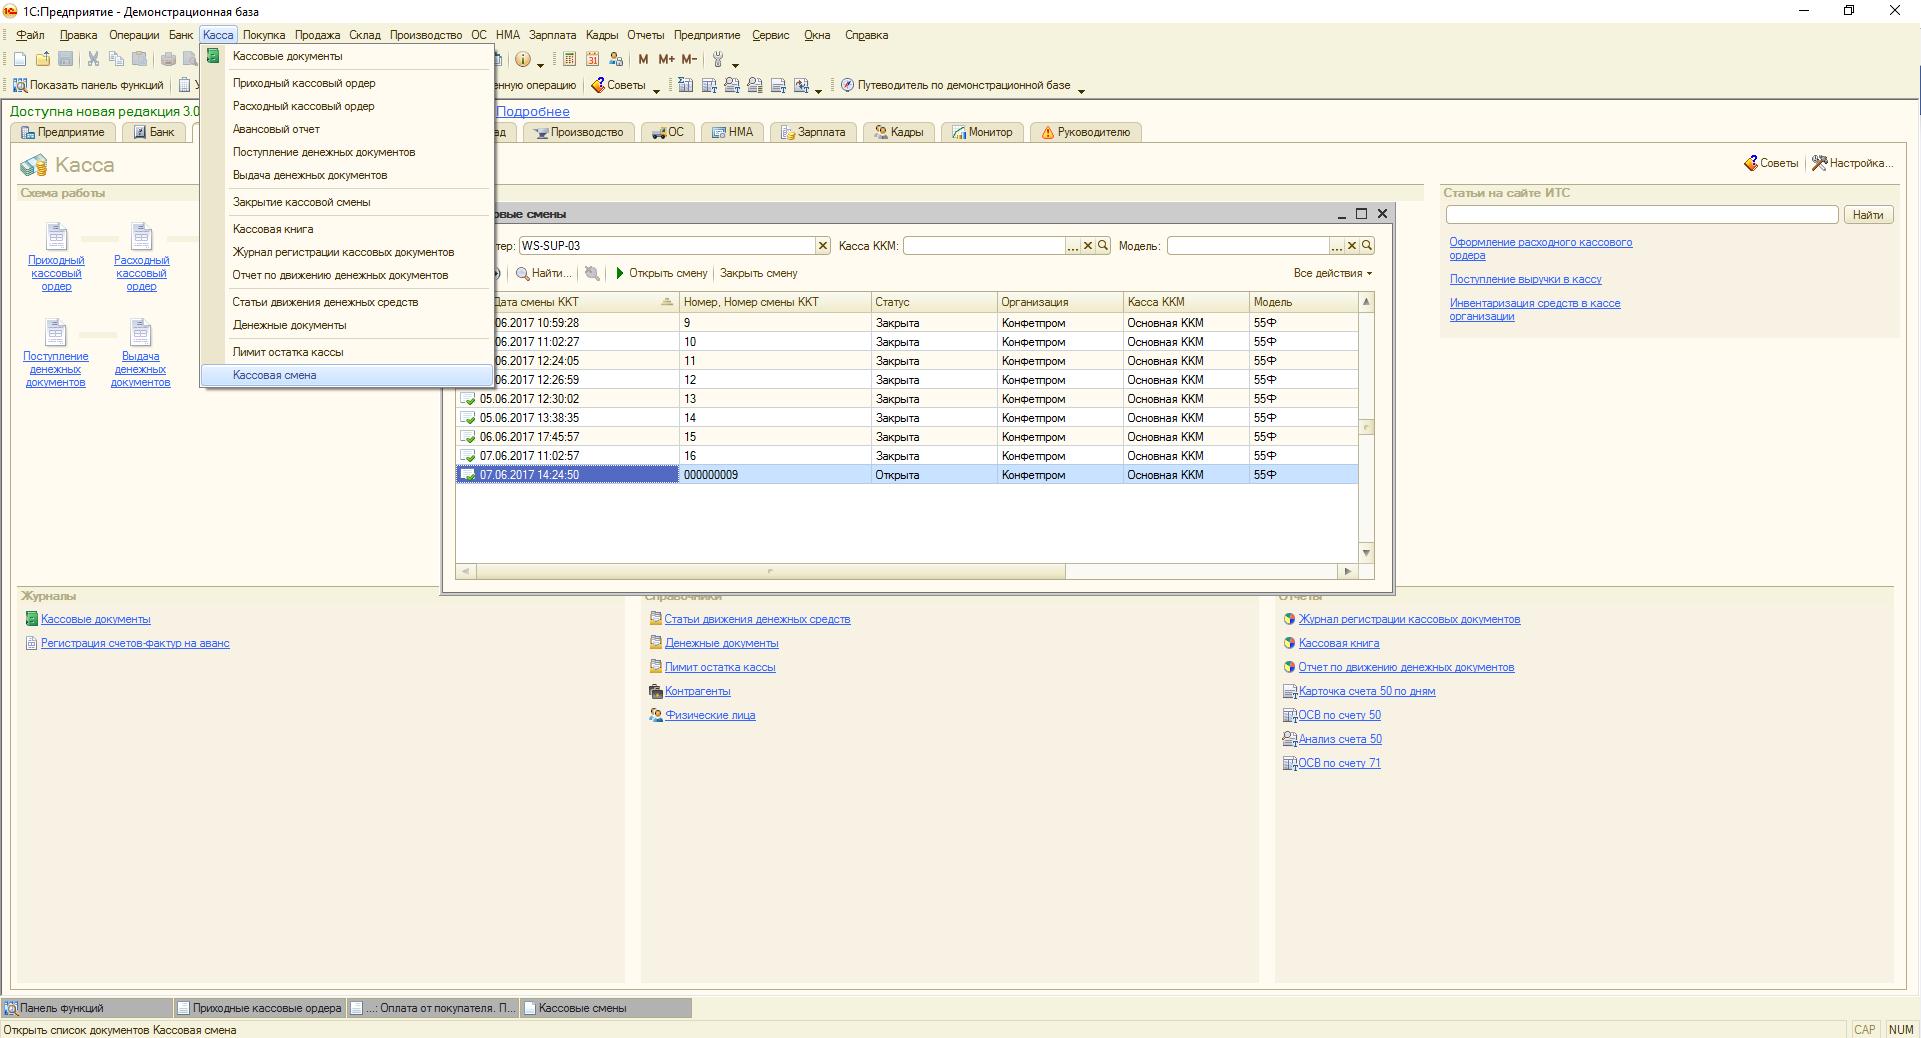 Бухгалтерия 2 онлайн касса выгрузка электронной отчетности из 1с